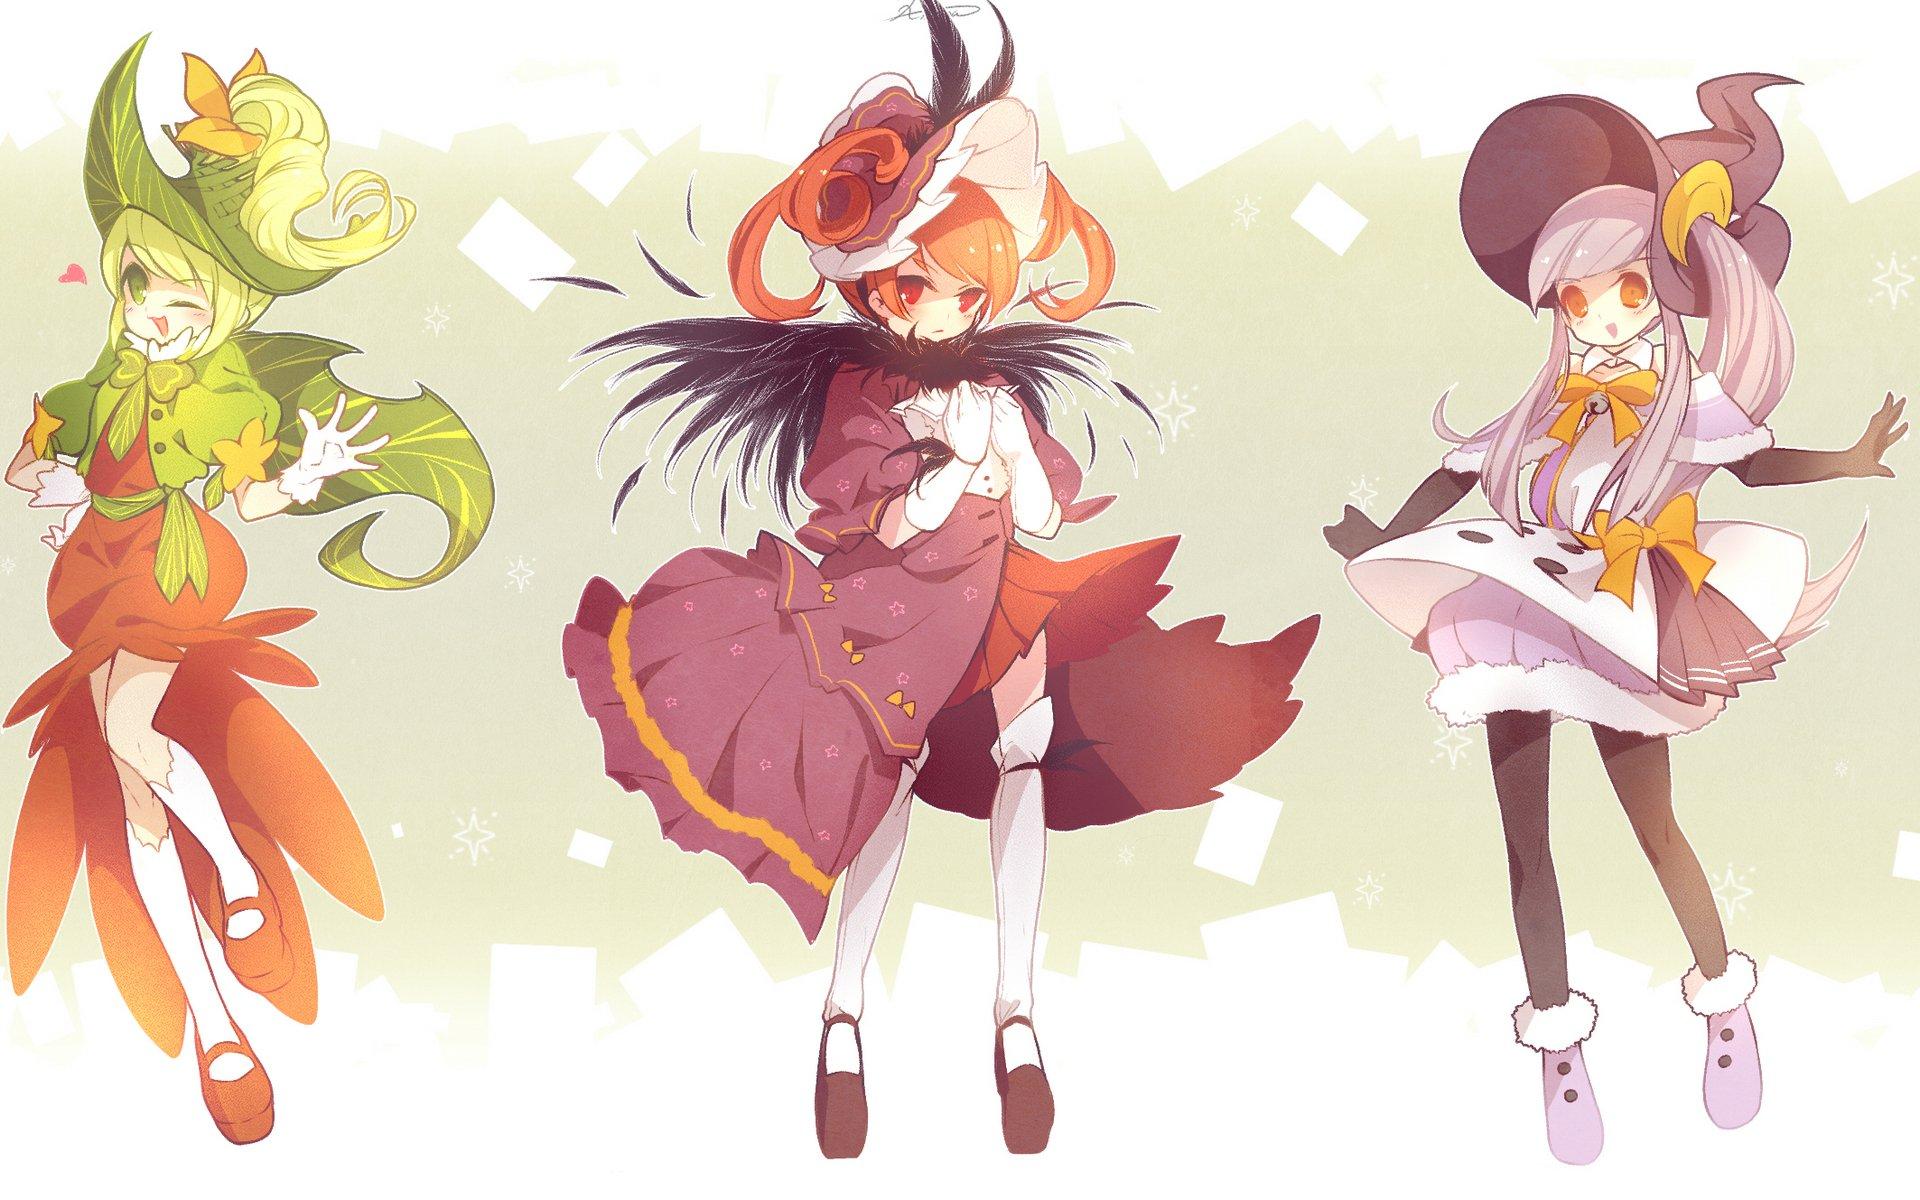 Halloween White Haired Anime Girl Wallpaper Fantasy Girls Full Hd Wallpaper And Background Image